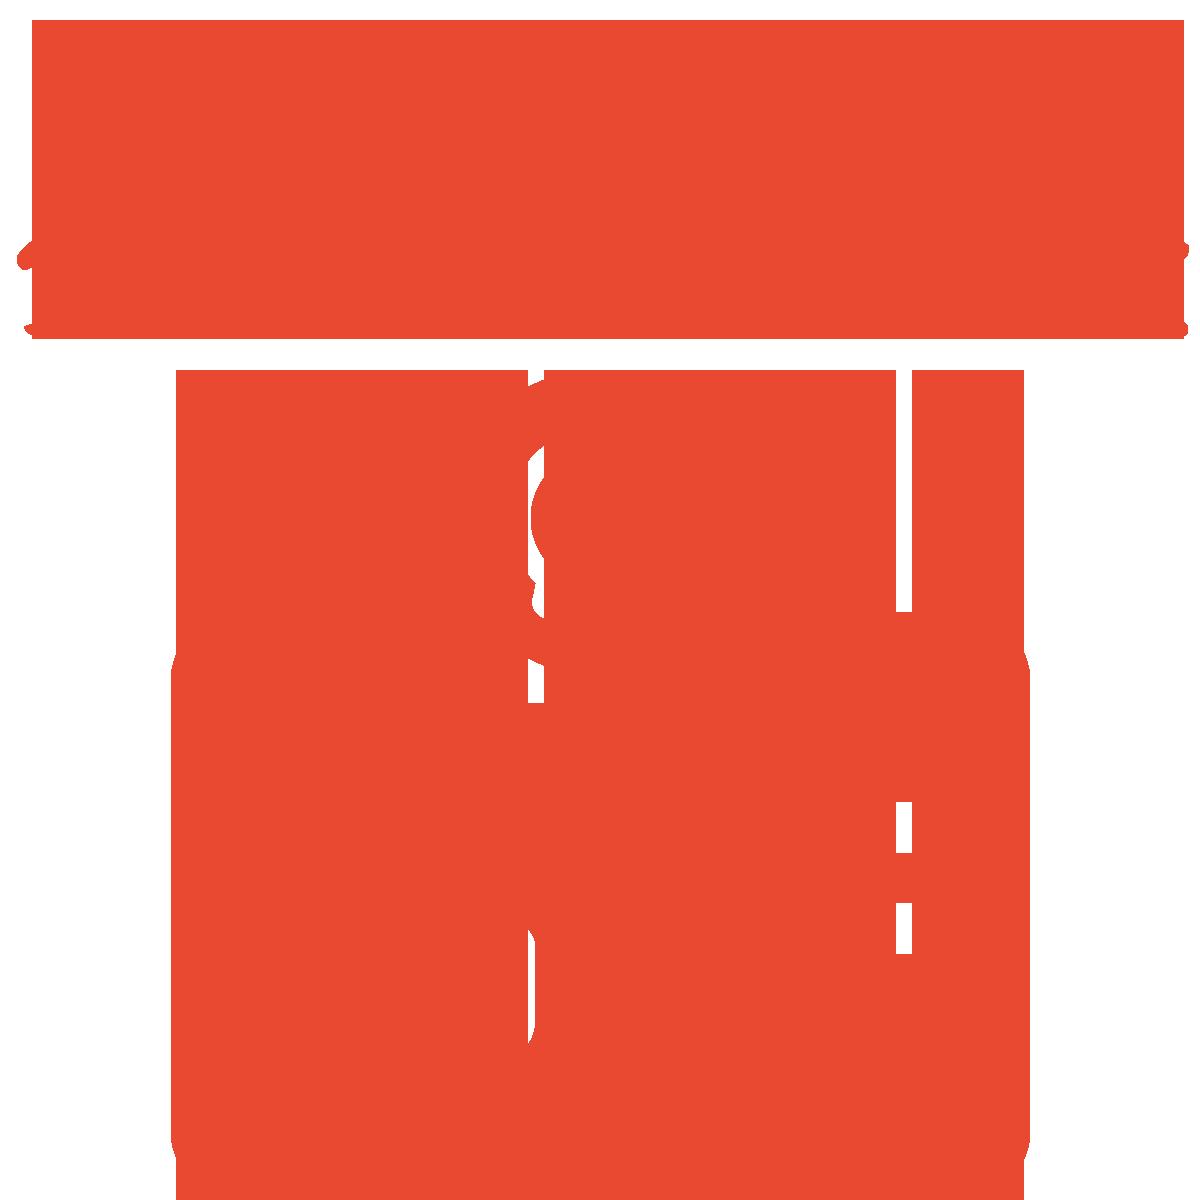 翔云-营业执照企业工商信息查询验证真伪API